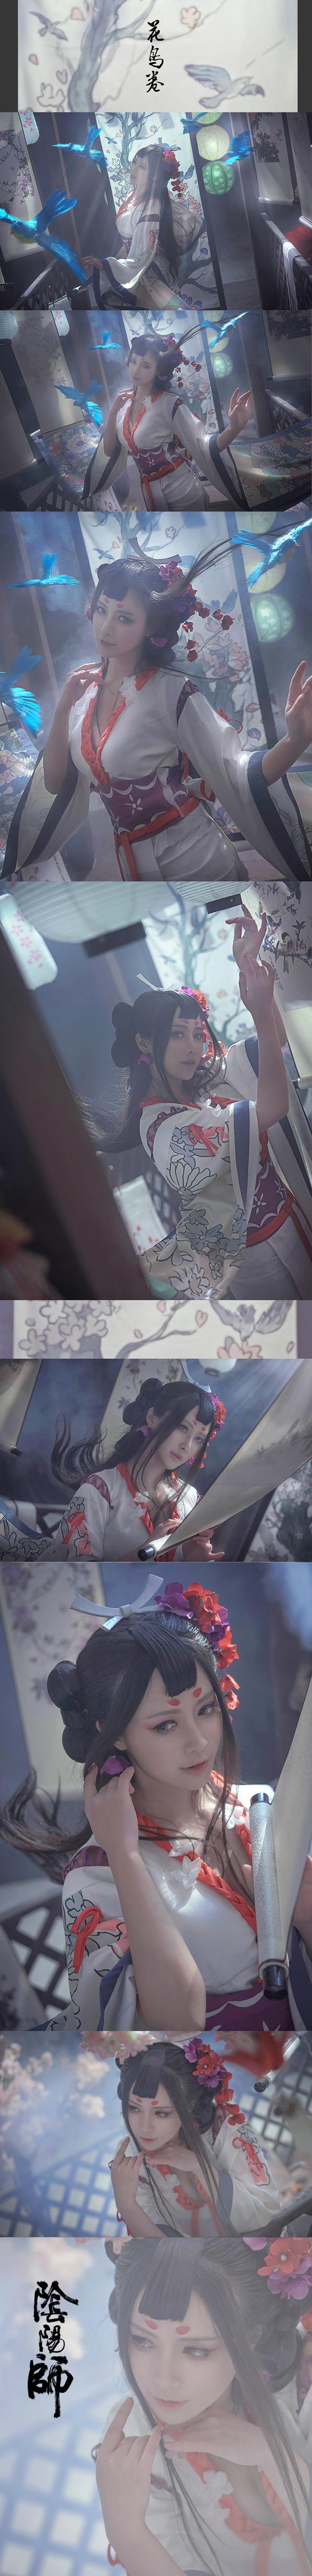 #阴阳师手游# COS — 花鸟卷—